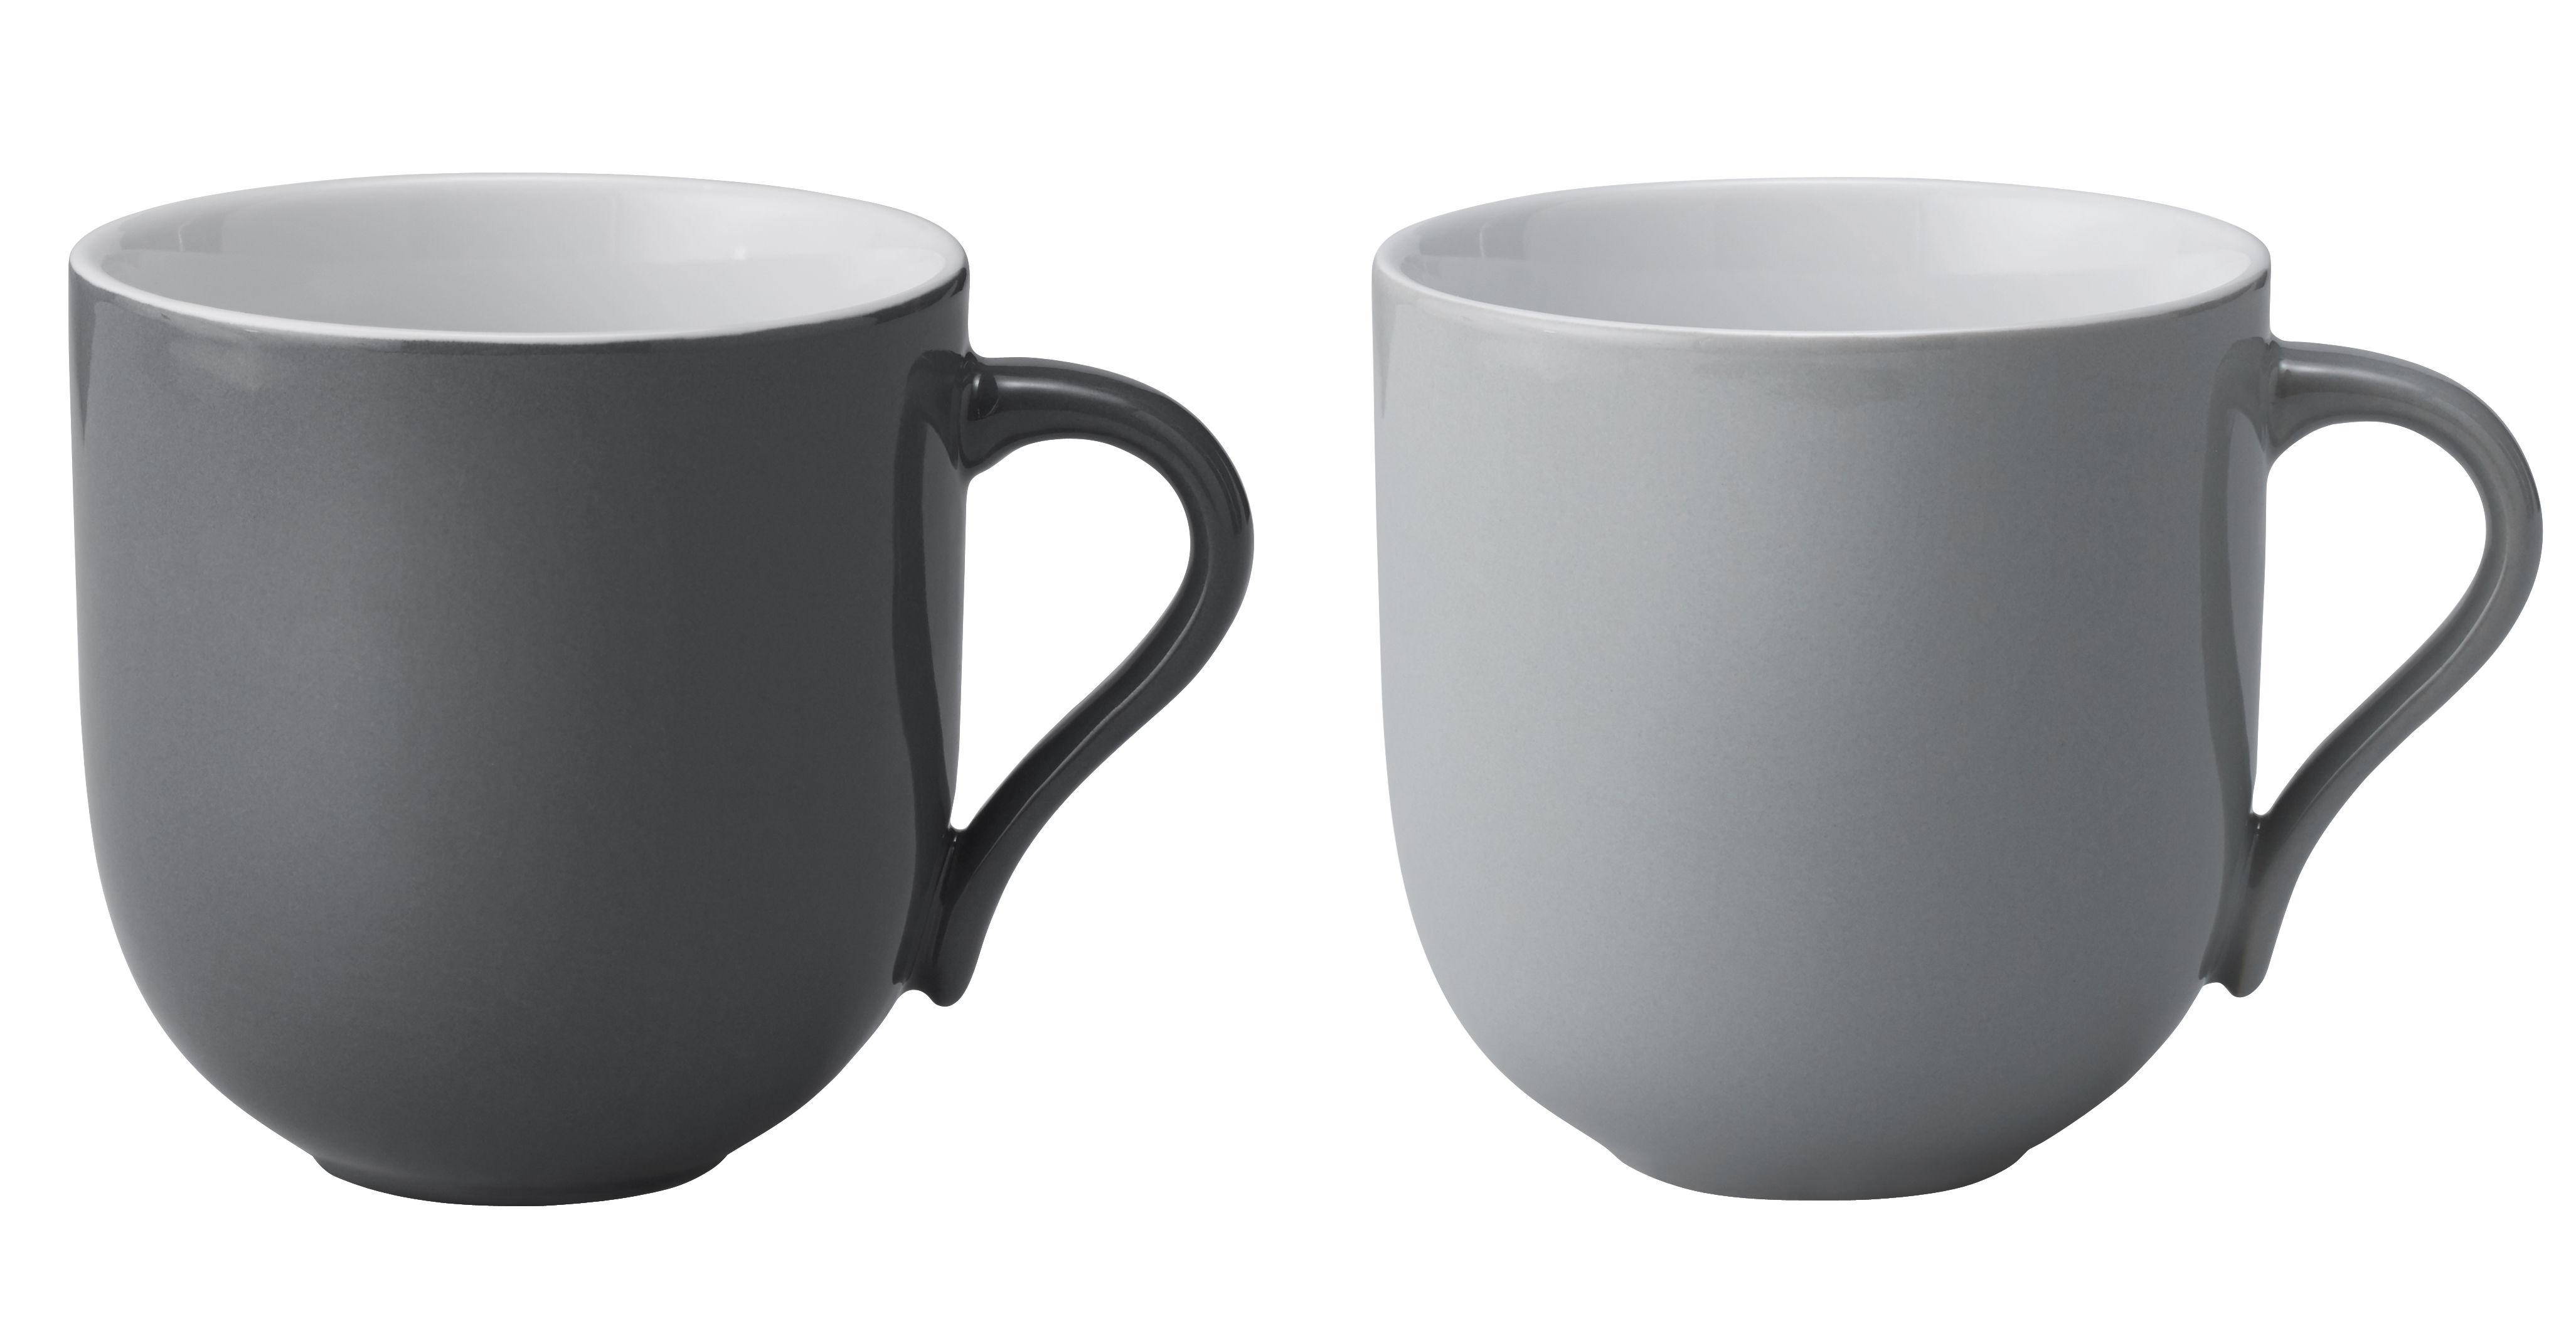 Tischkultur - Tassen und Becher - Emma Becher / 2er-Set - 380 ml - Stelton - Hellgrau & dunkelgrau - emaillierte Keramik